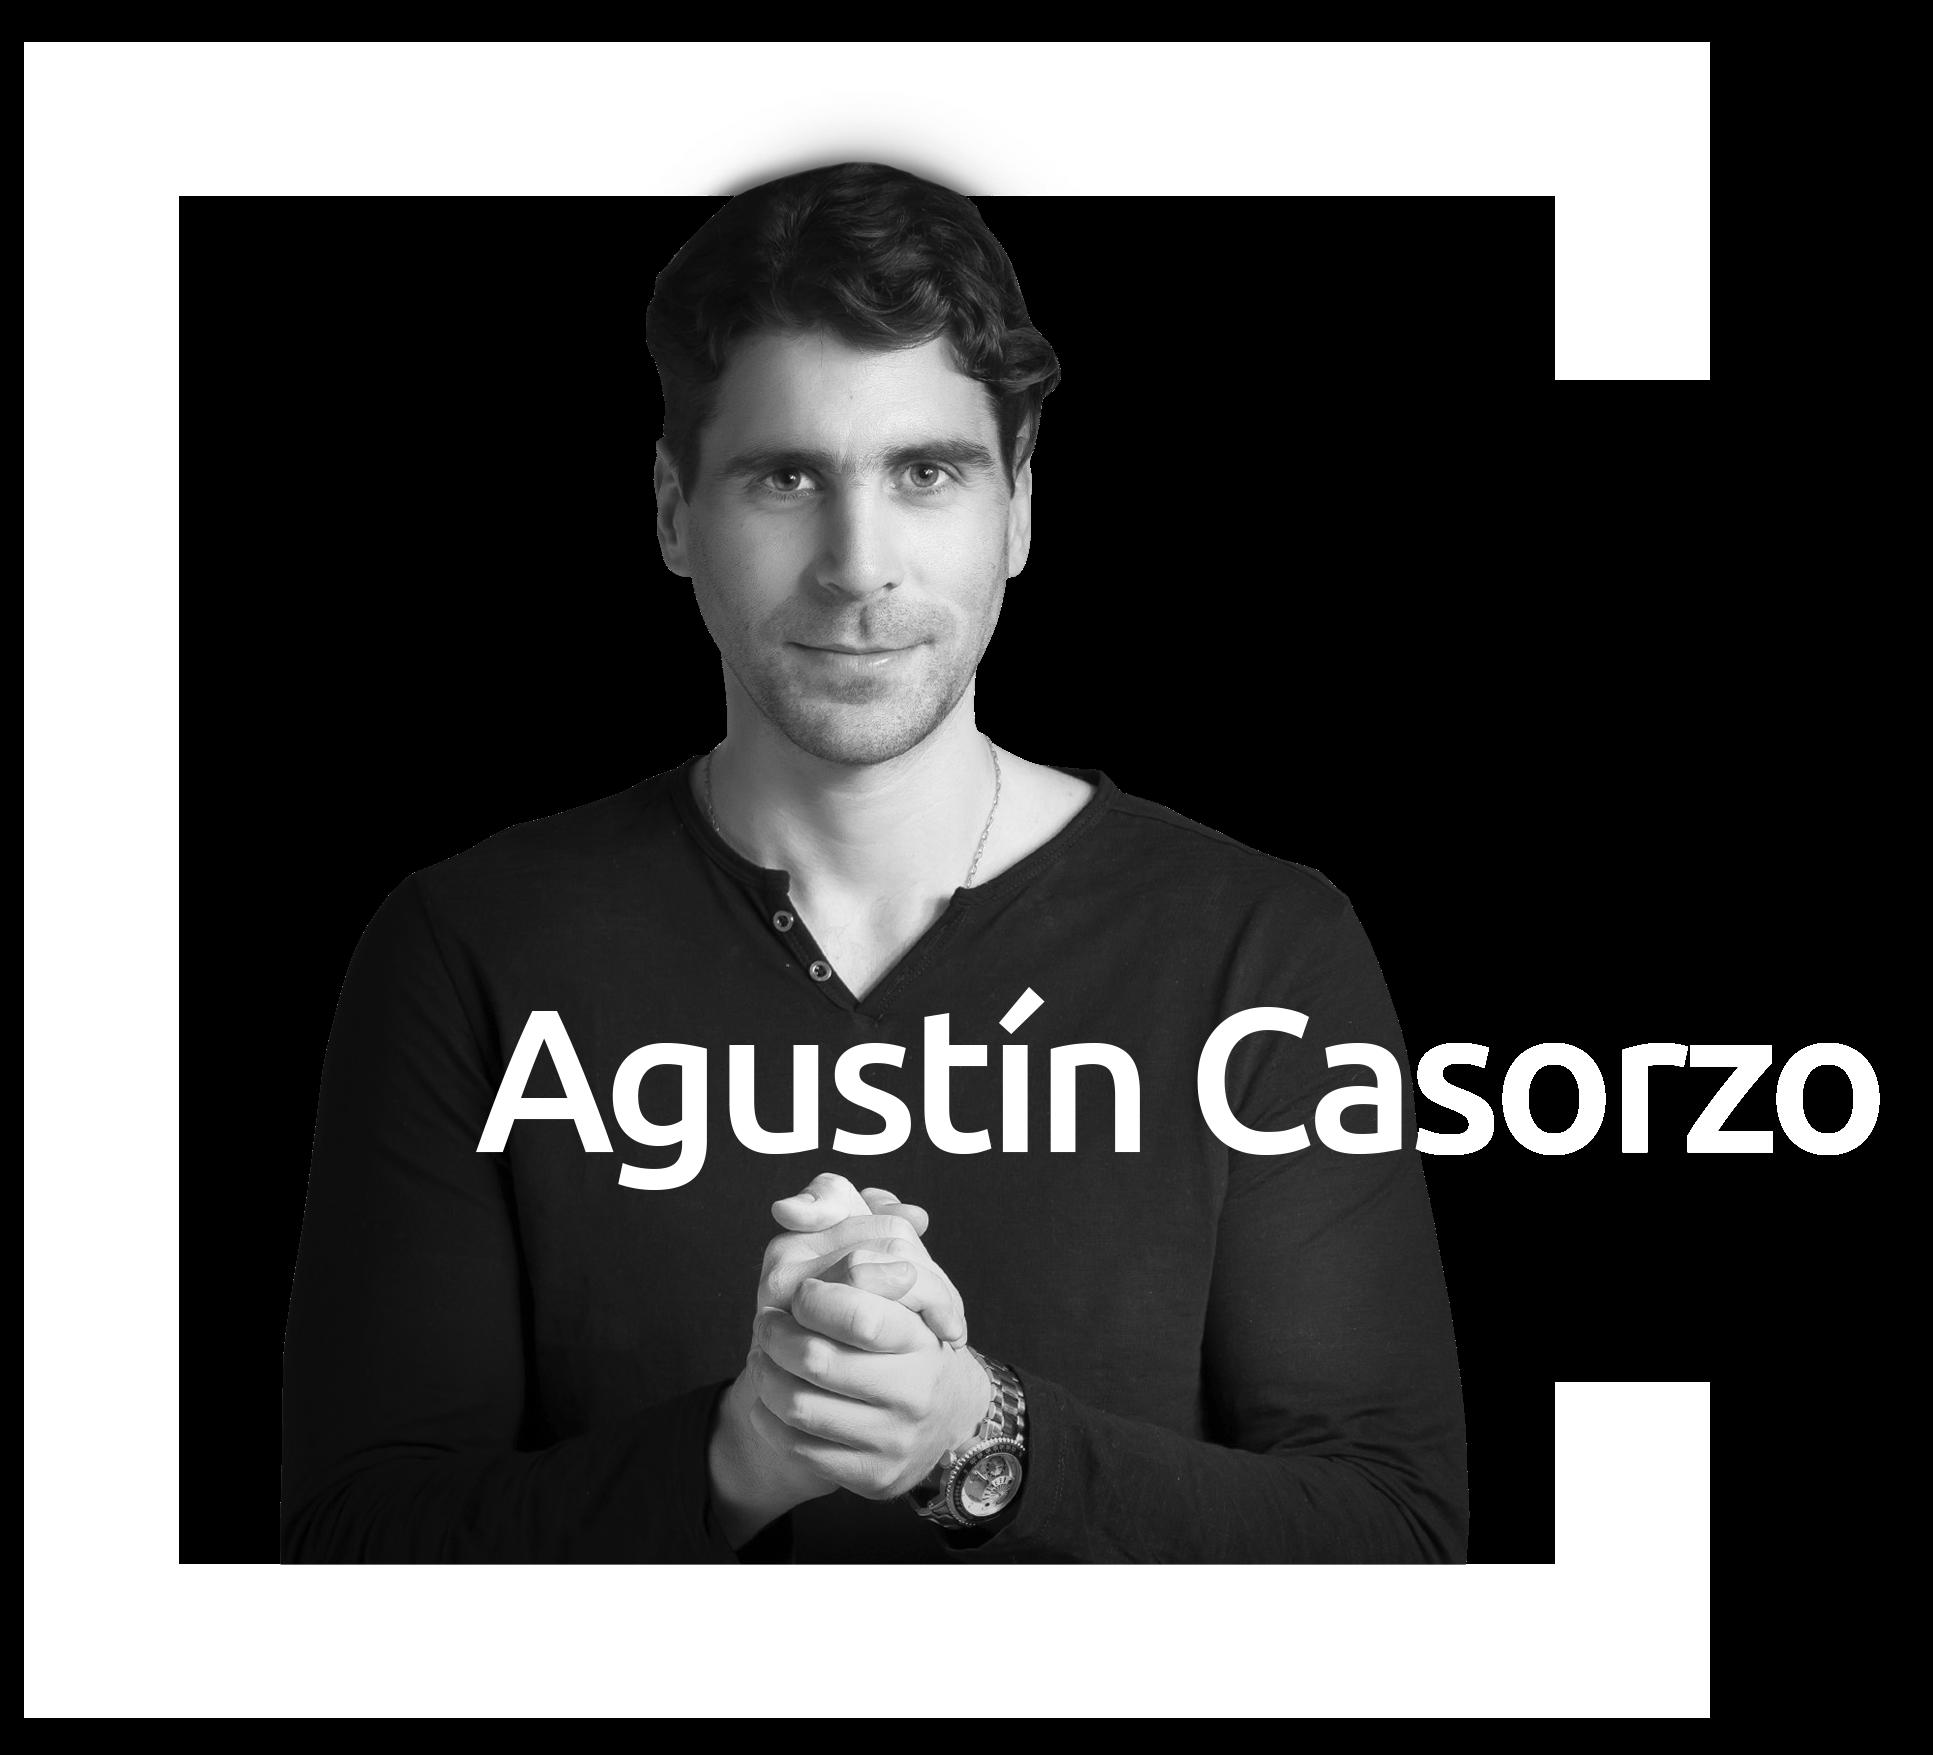 Agustín Casorzo